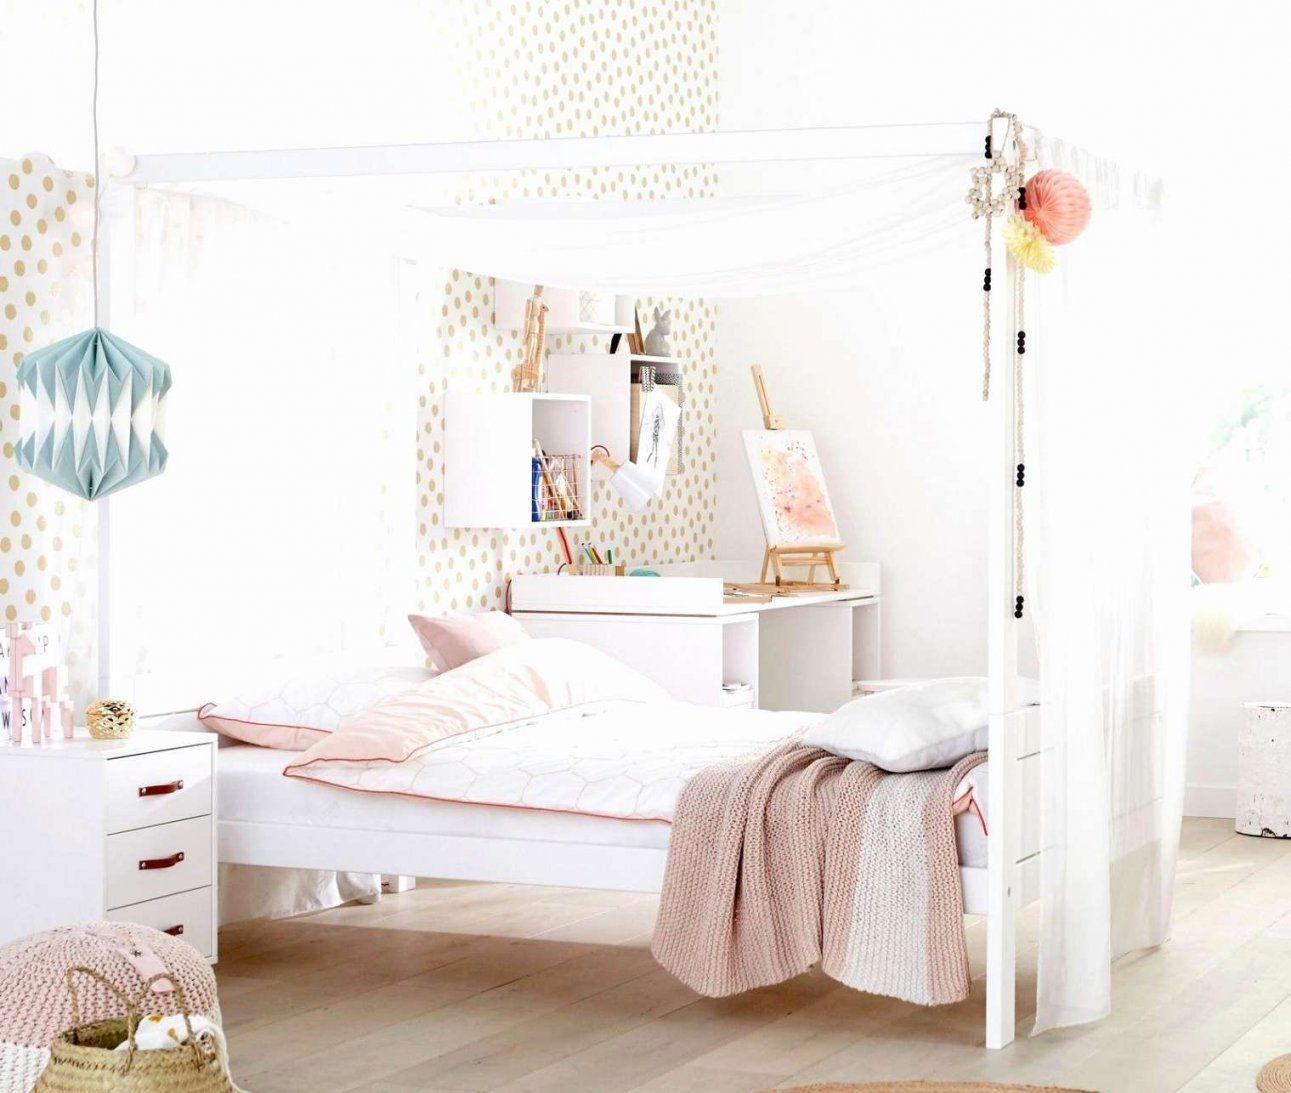 32 Das Beste Von Bett Selber Bauen Bild  Dekor Für Bed Garten Und von Mädchen Bett Selber Bauen Bild